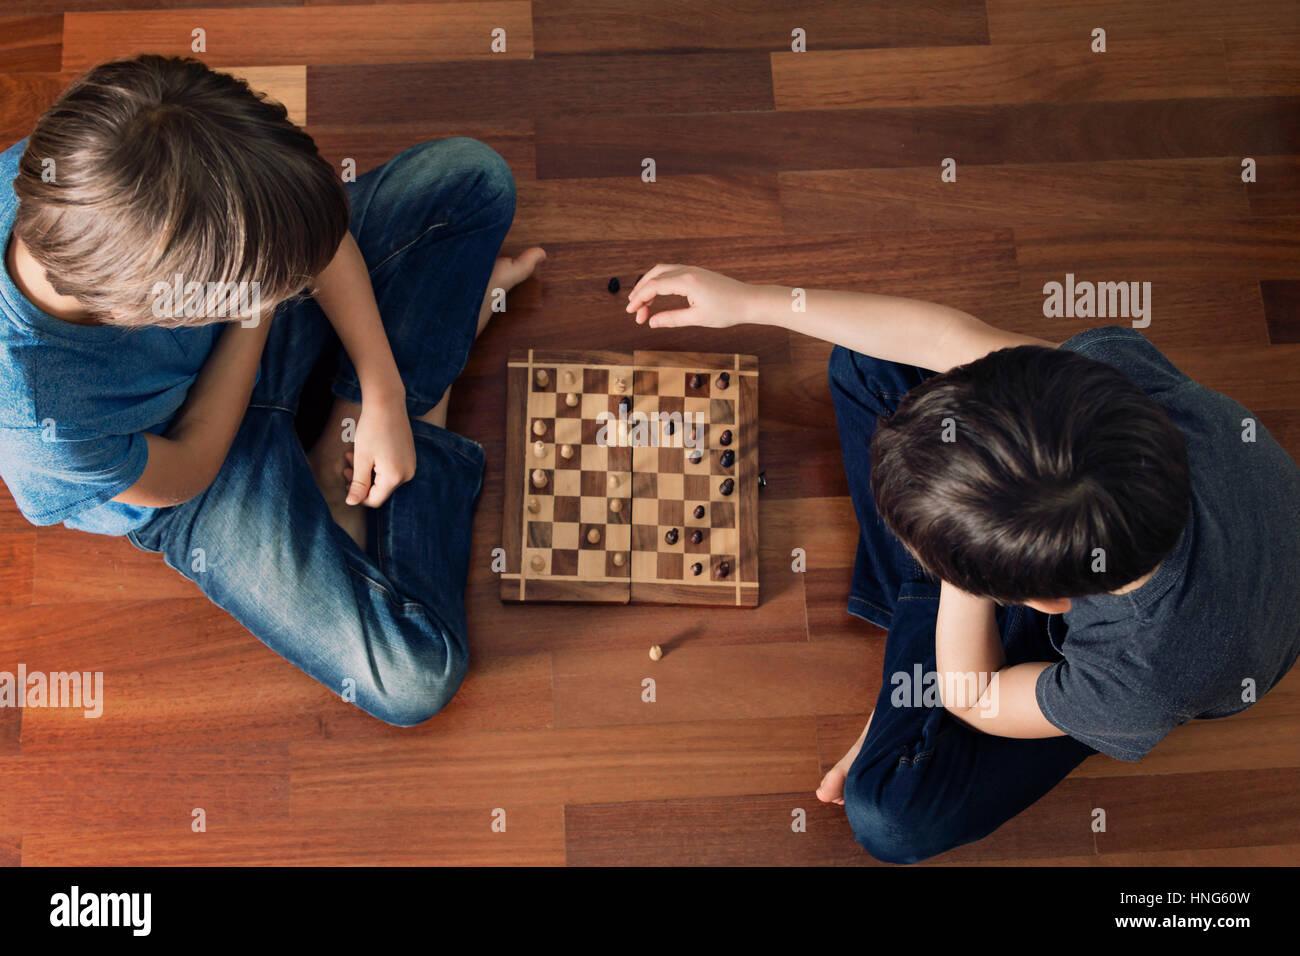 Enfants jouant aux échecs assis sur un plancher en bois. Vue d'en haut. Jeu, l'éducation, de vie, concept de loisirs. Banque D'Images